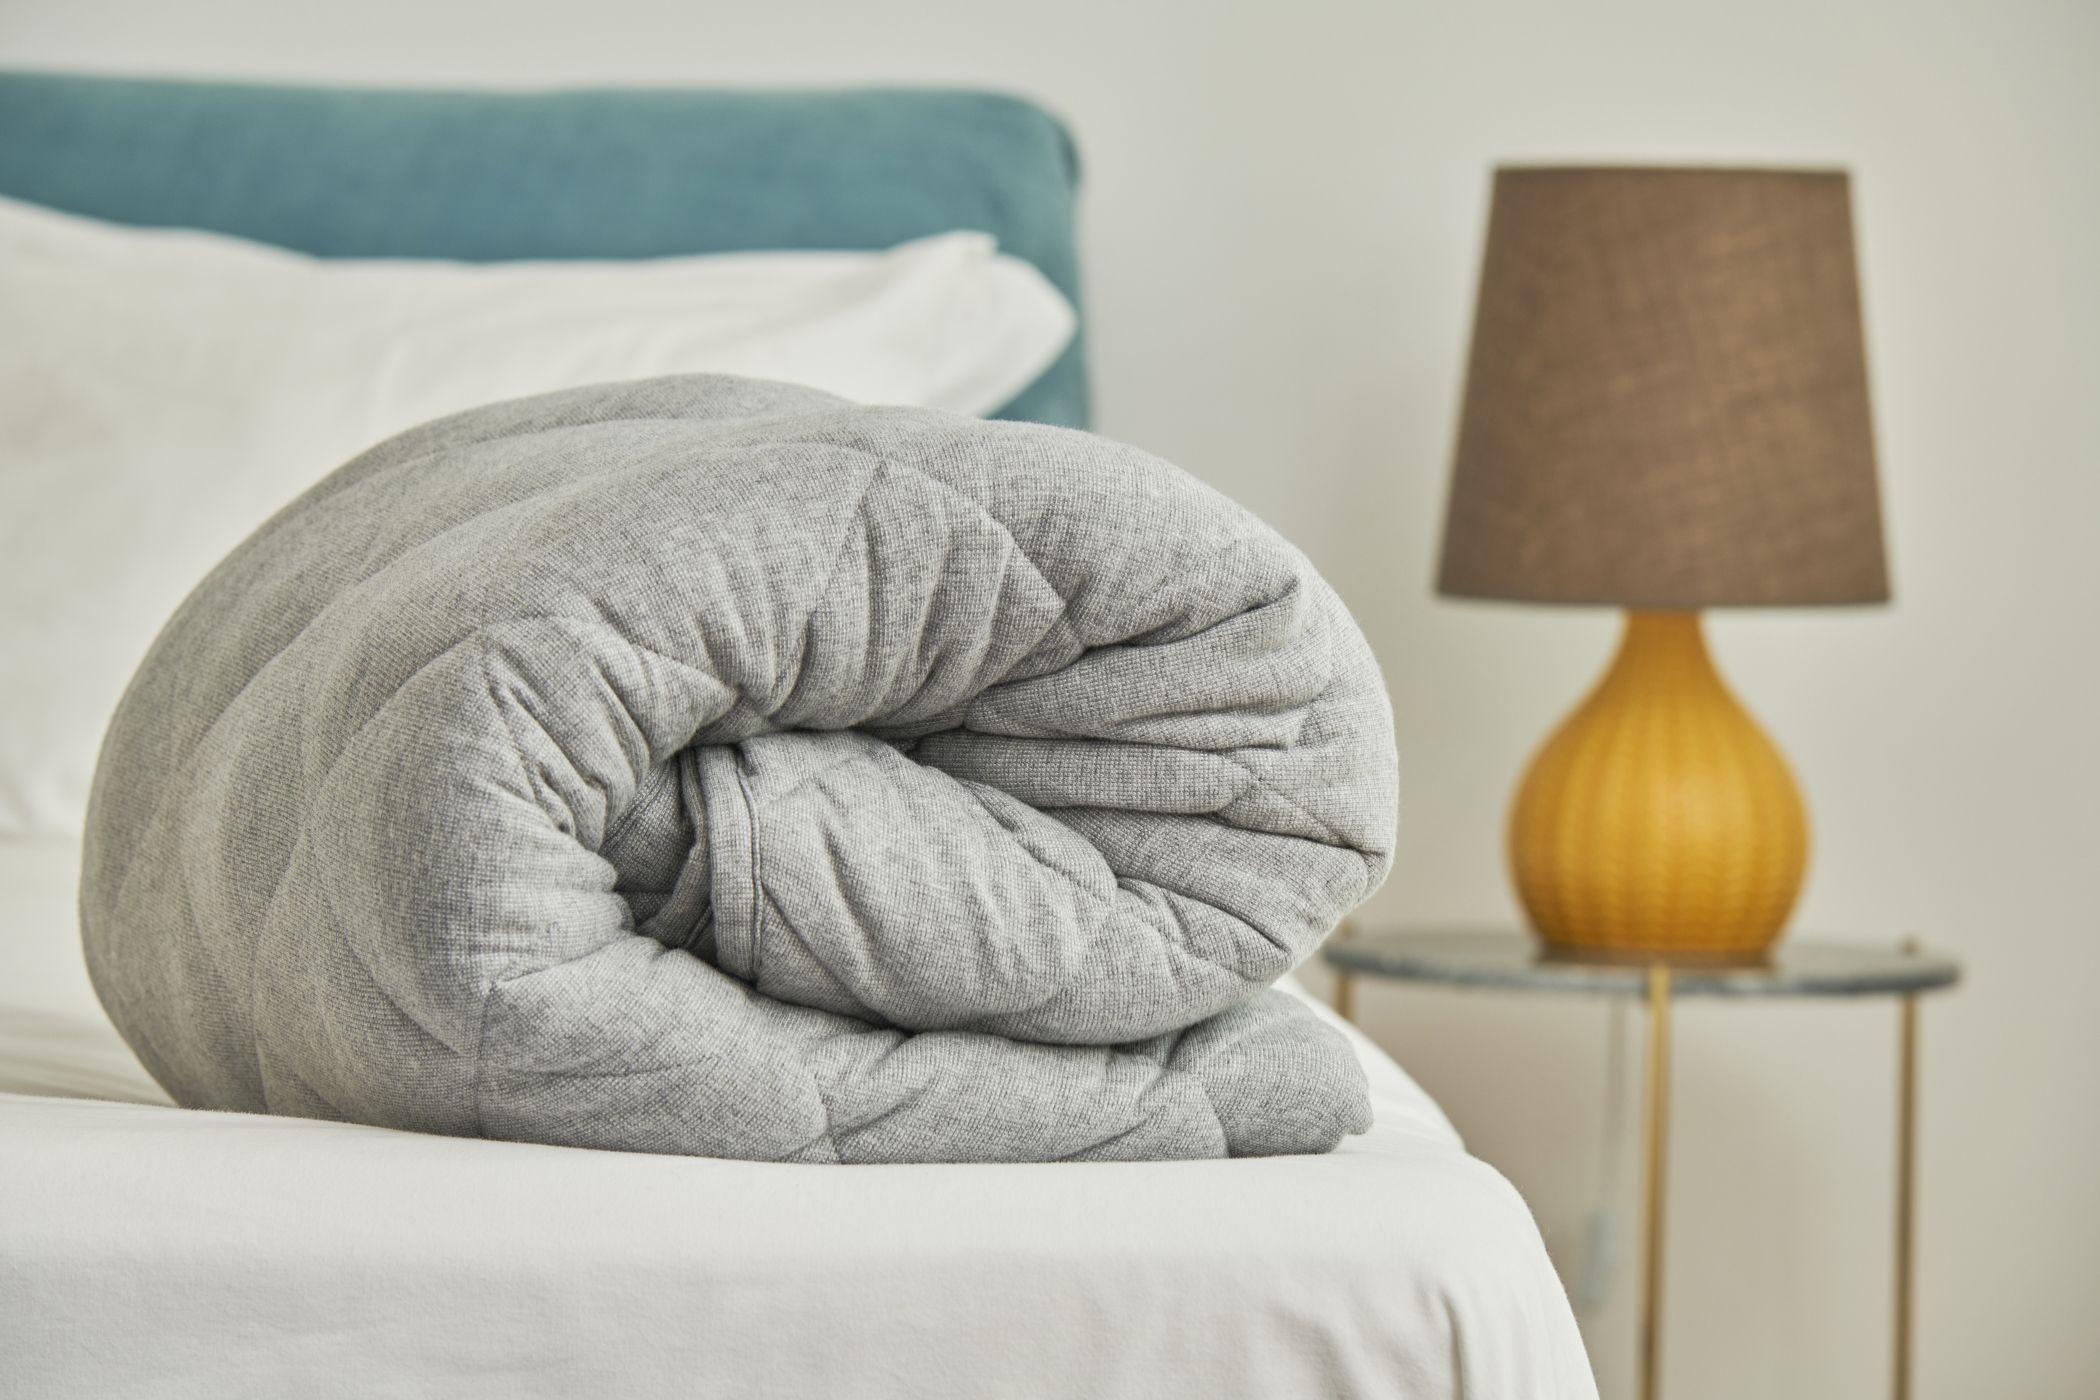 Mantas de peso, ¿la cura definitiva contra el insomnio?